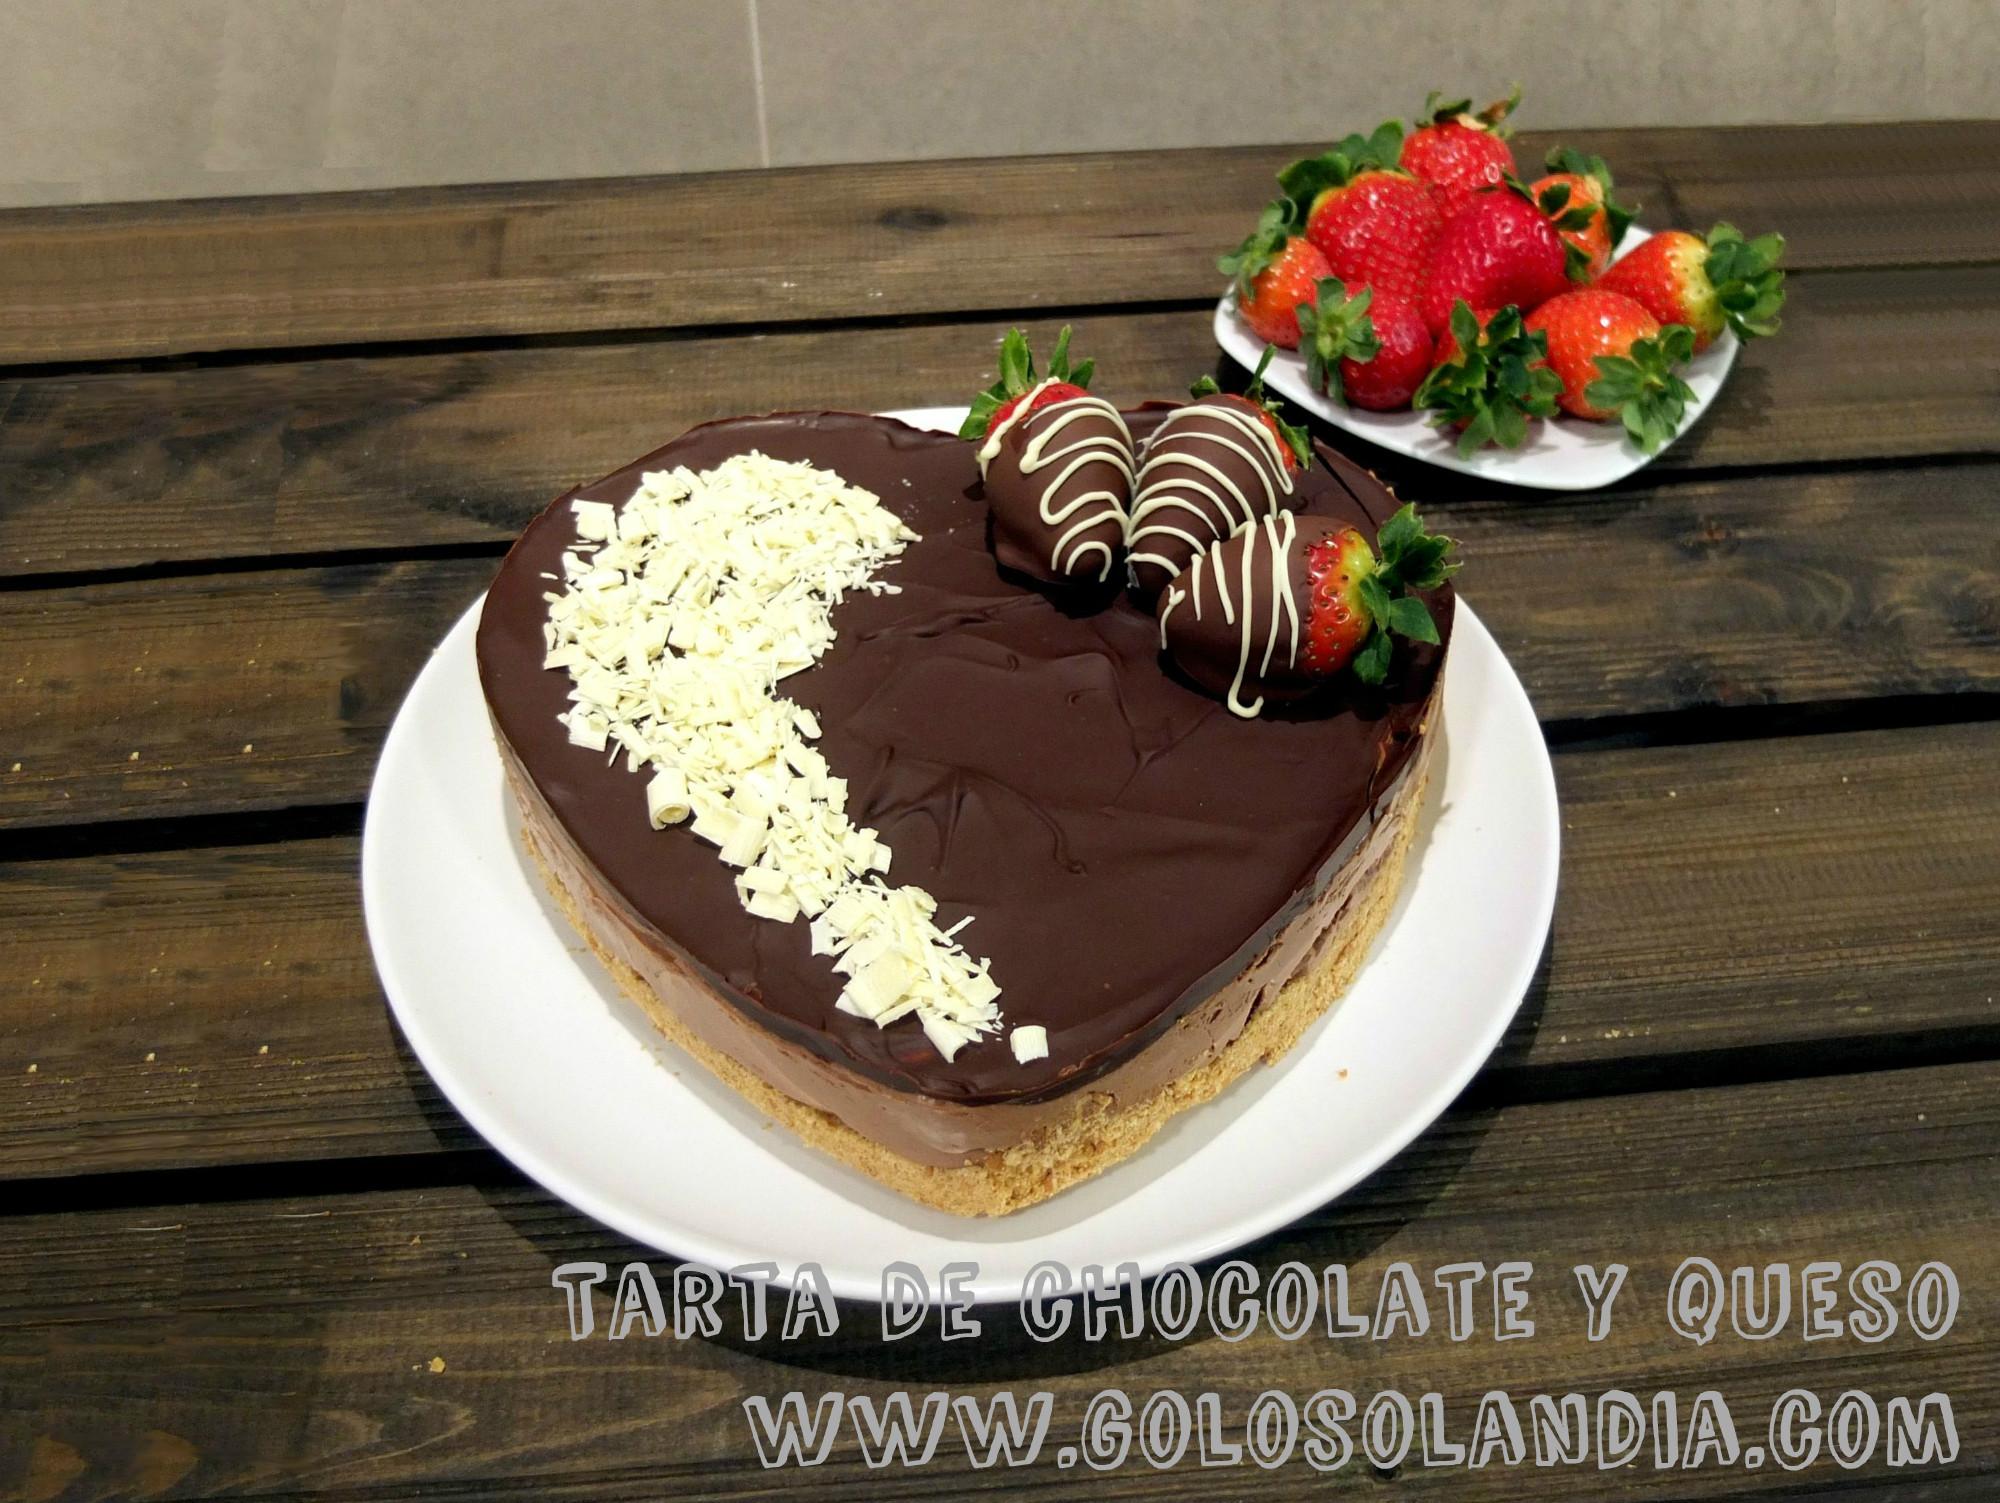 Tarta de chocolate y queso for Como decorar una torta facil y economica